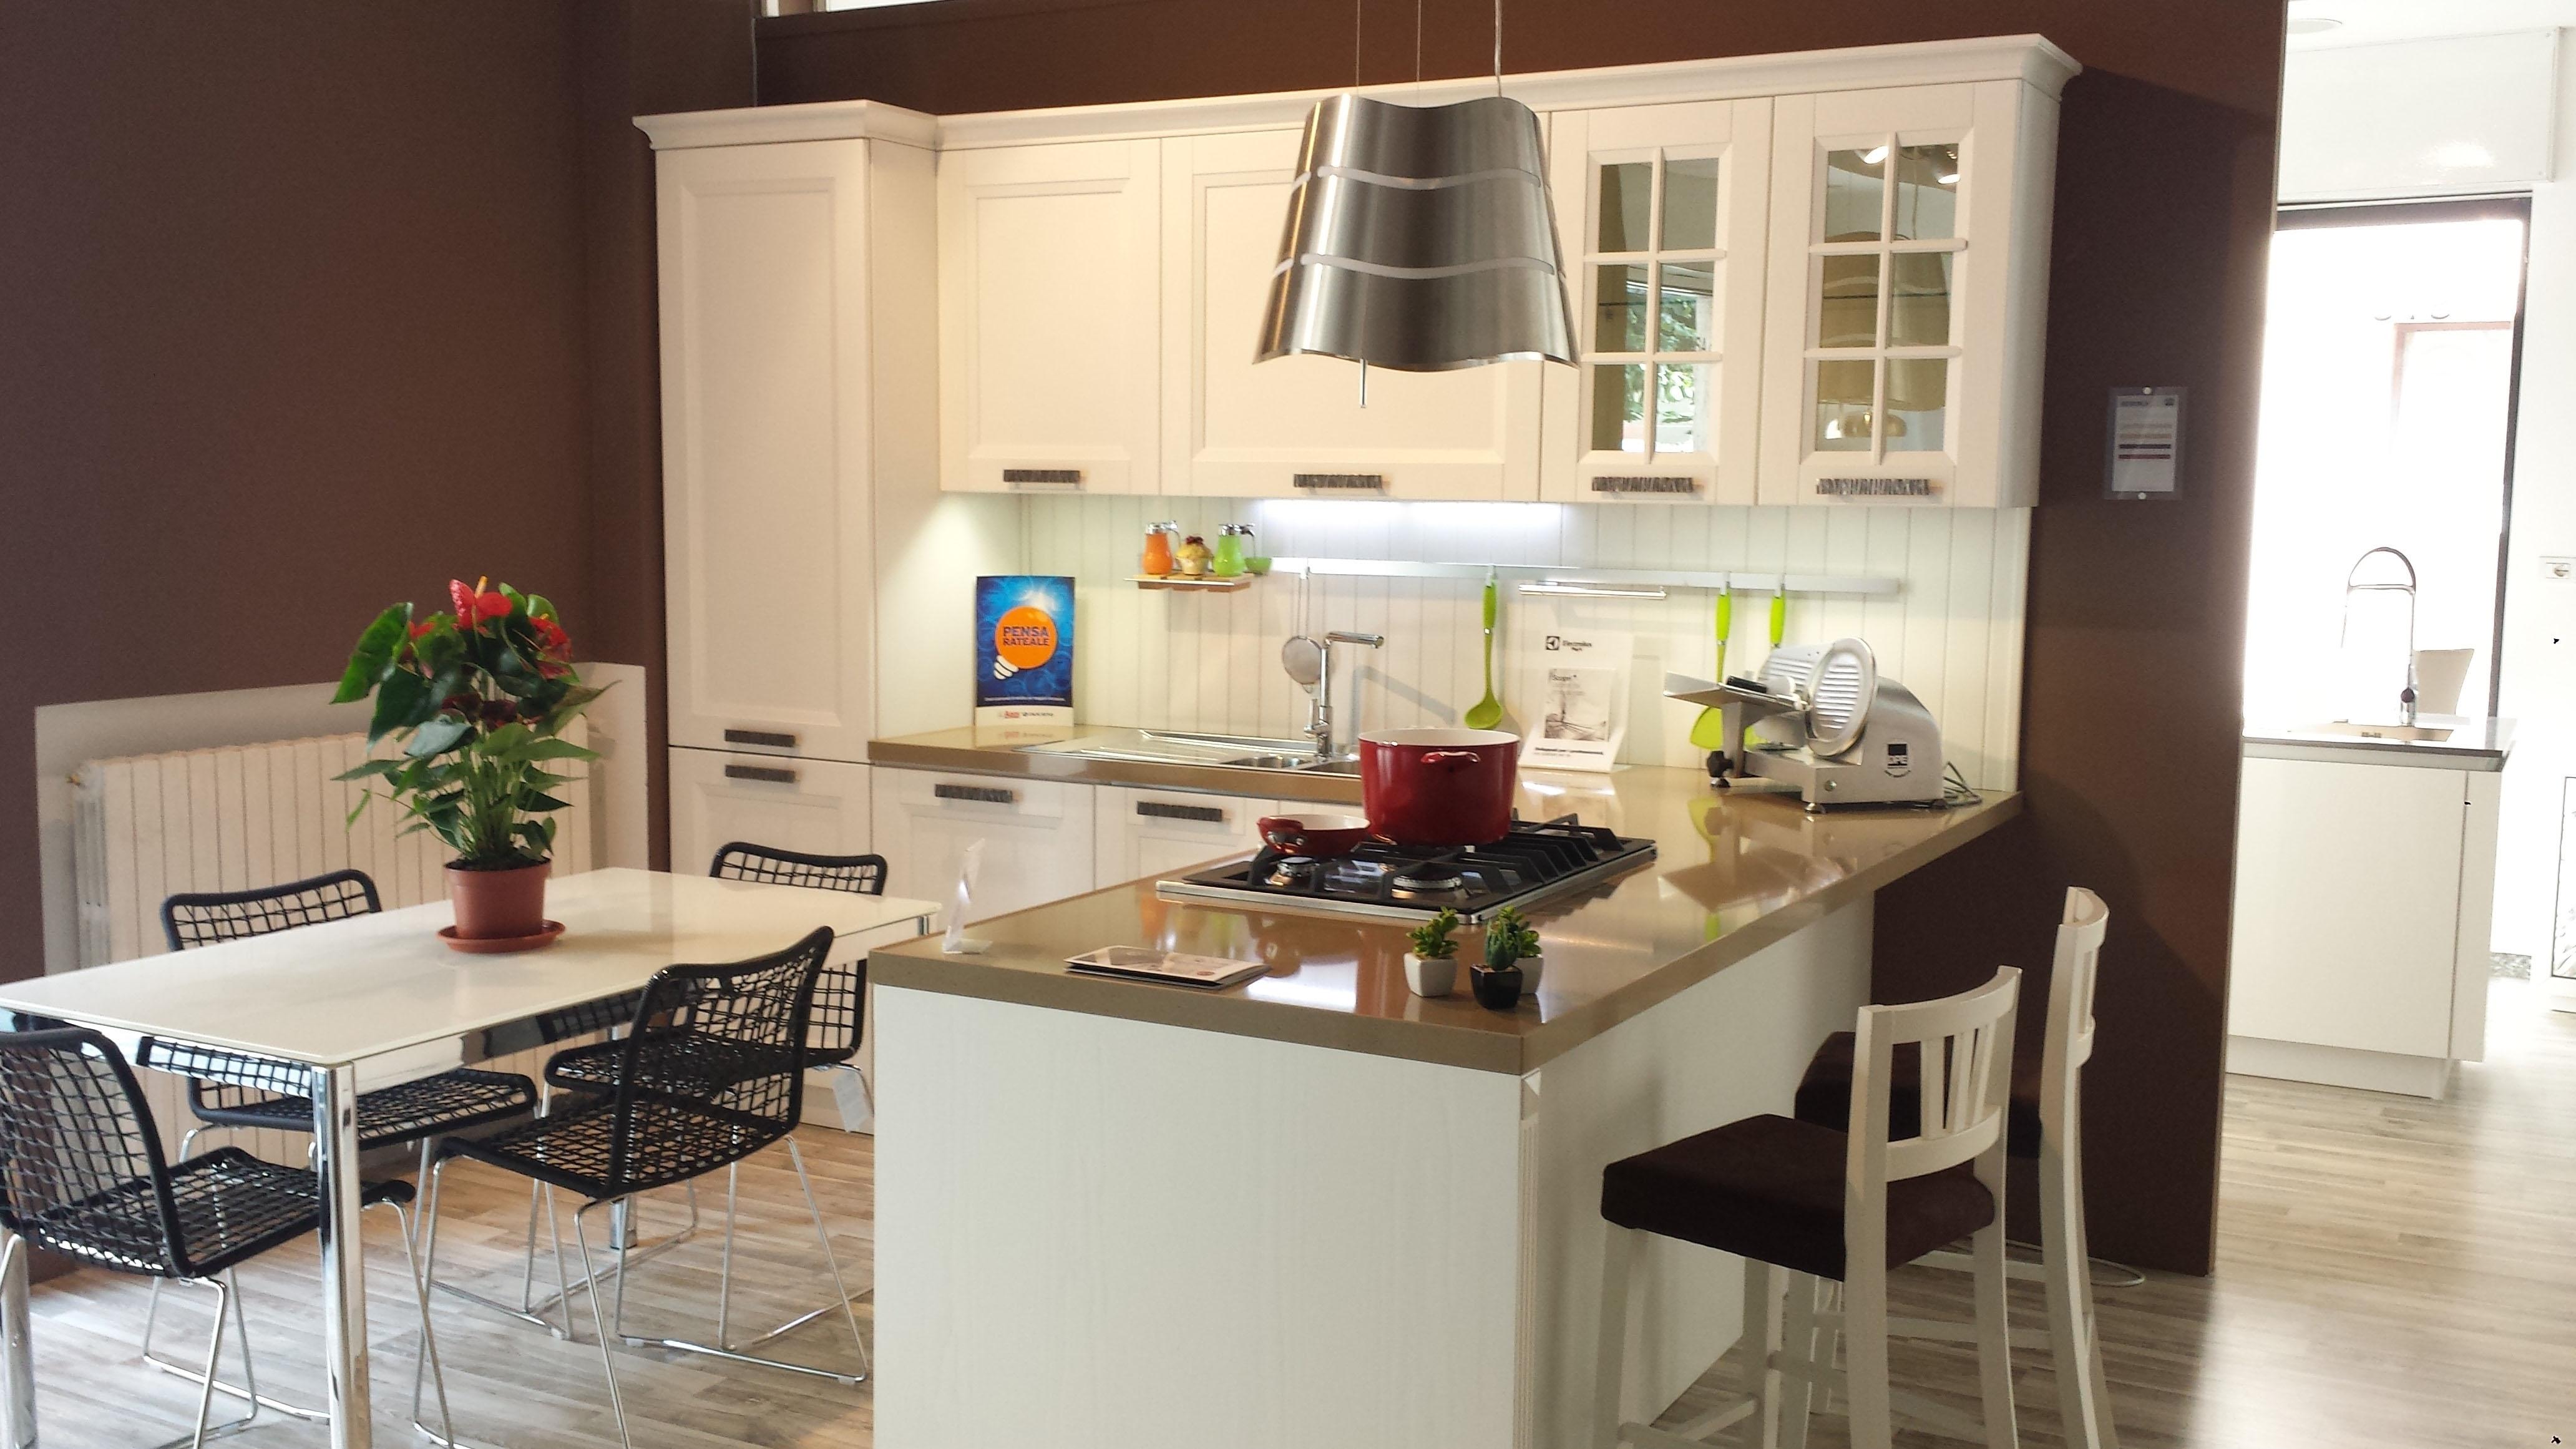 Stosa cucine cucina beverly classica legno bianca cucine for Cucine stosa